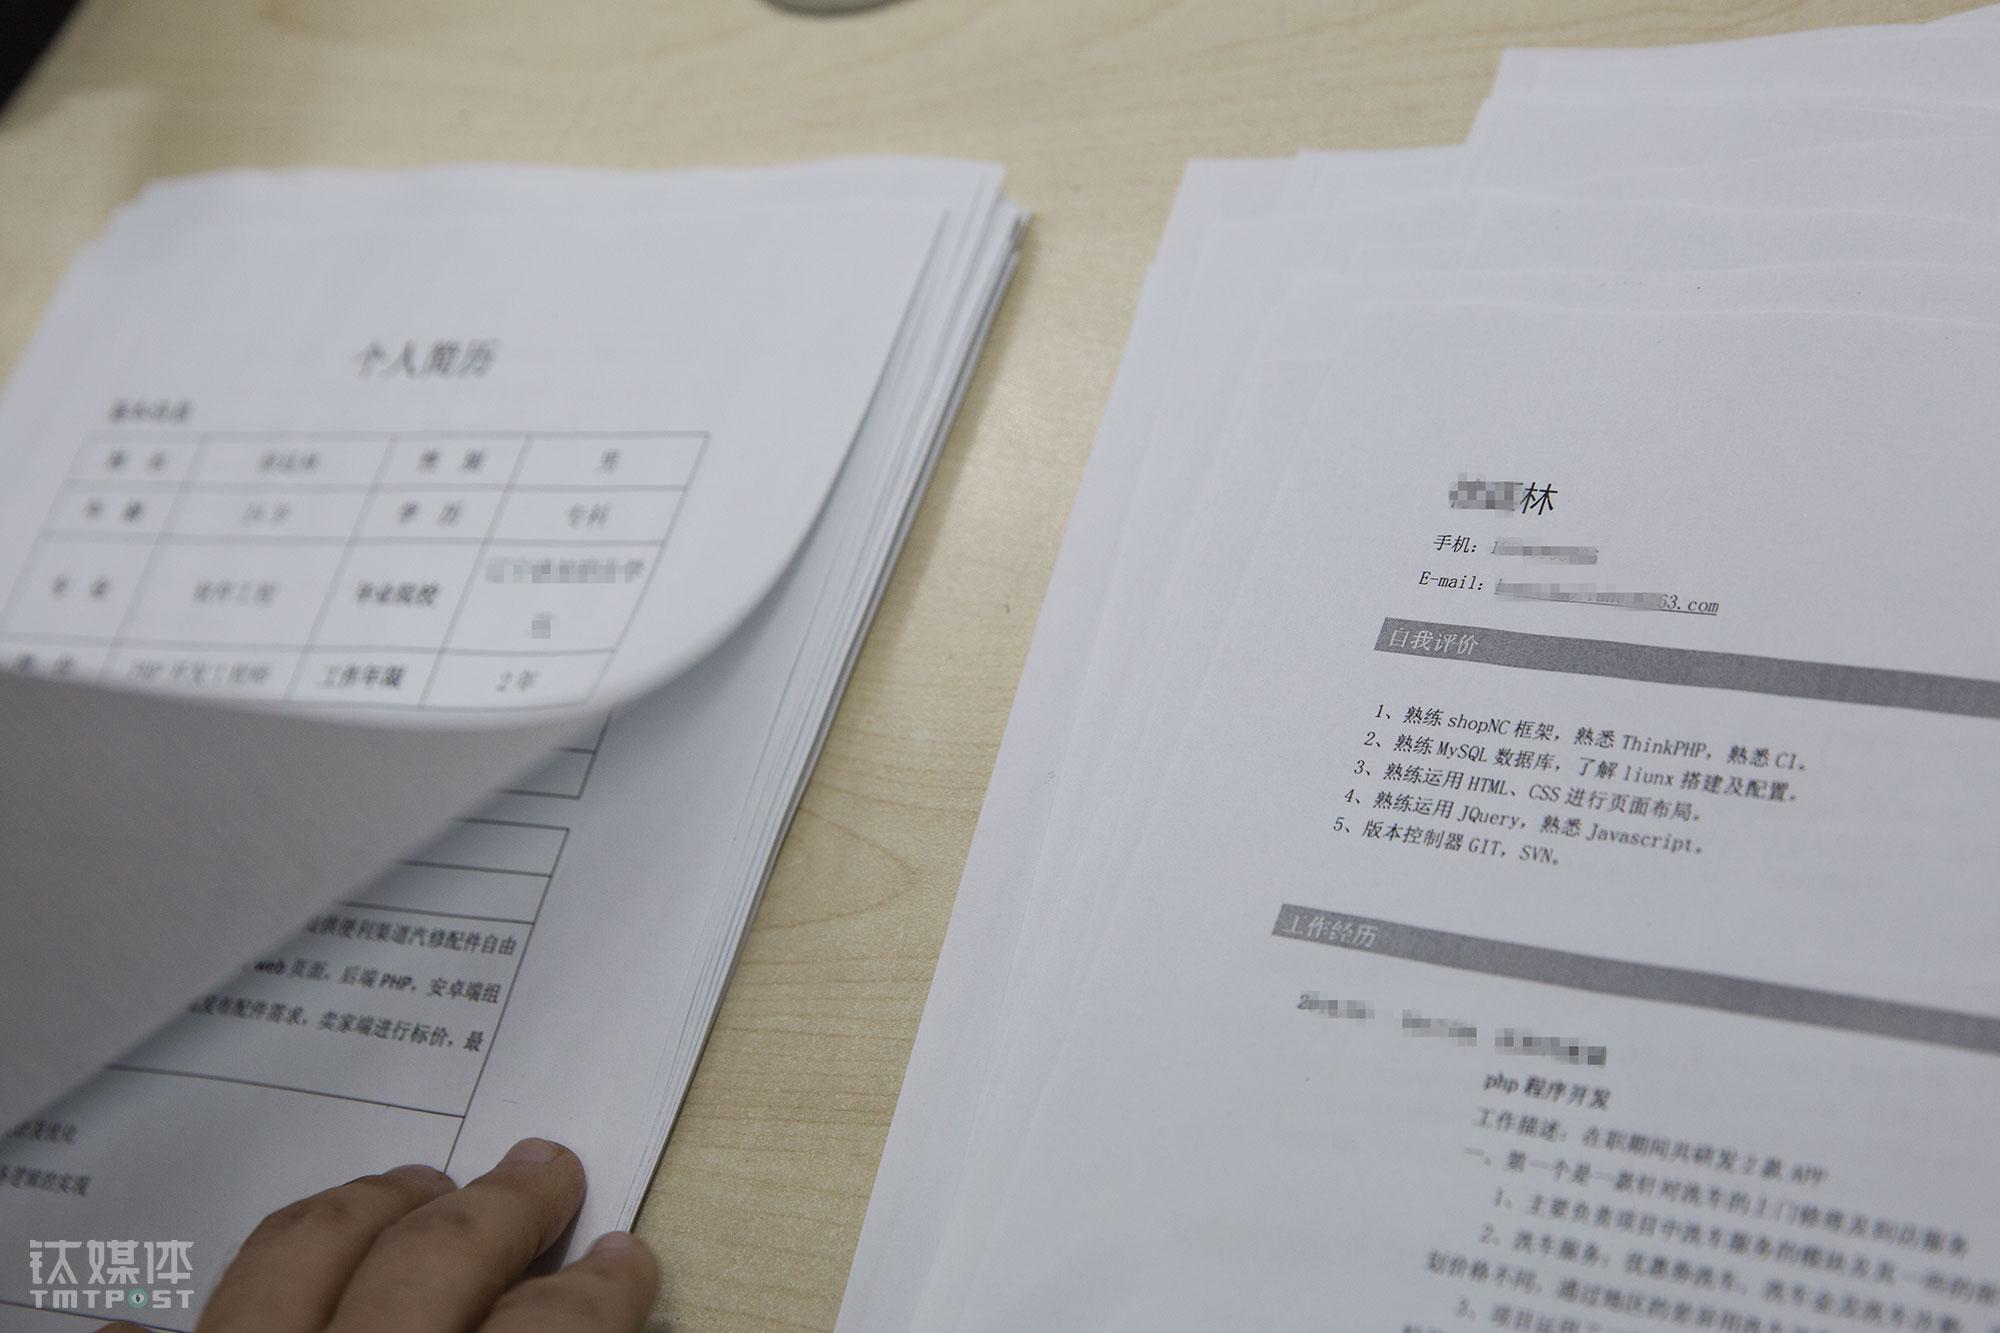 在打印店,小徐一次性打了十份简历,每份两张,一张写着个人简介,一张写着具体项目经历。他相信以自己的职业操守和经验能力,这些简历用完之前,就可以找到一份工作。